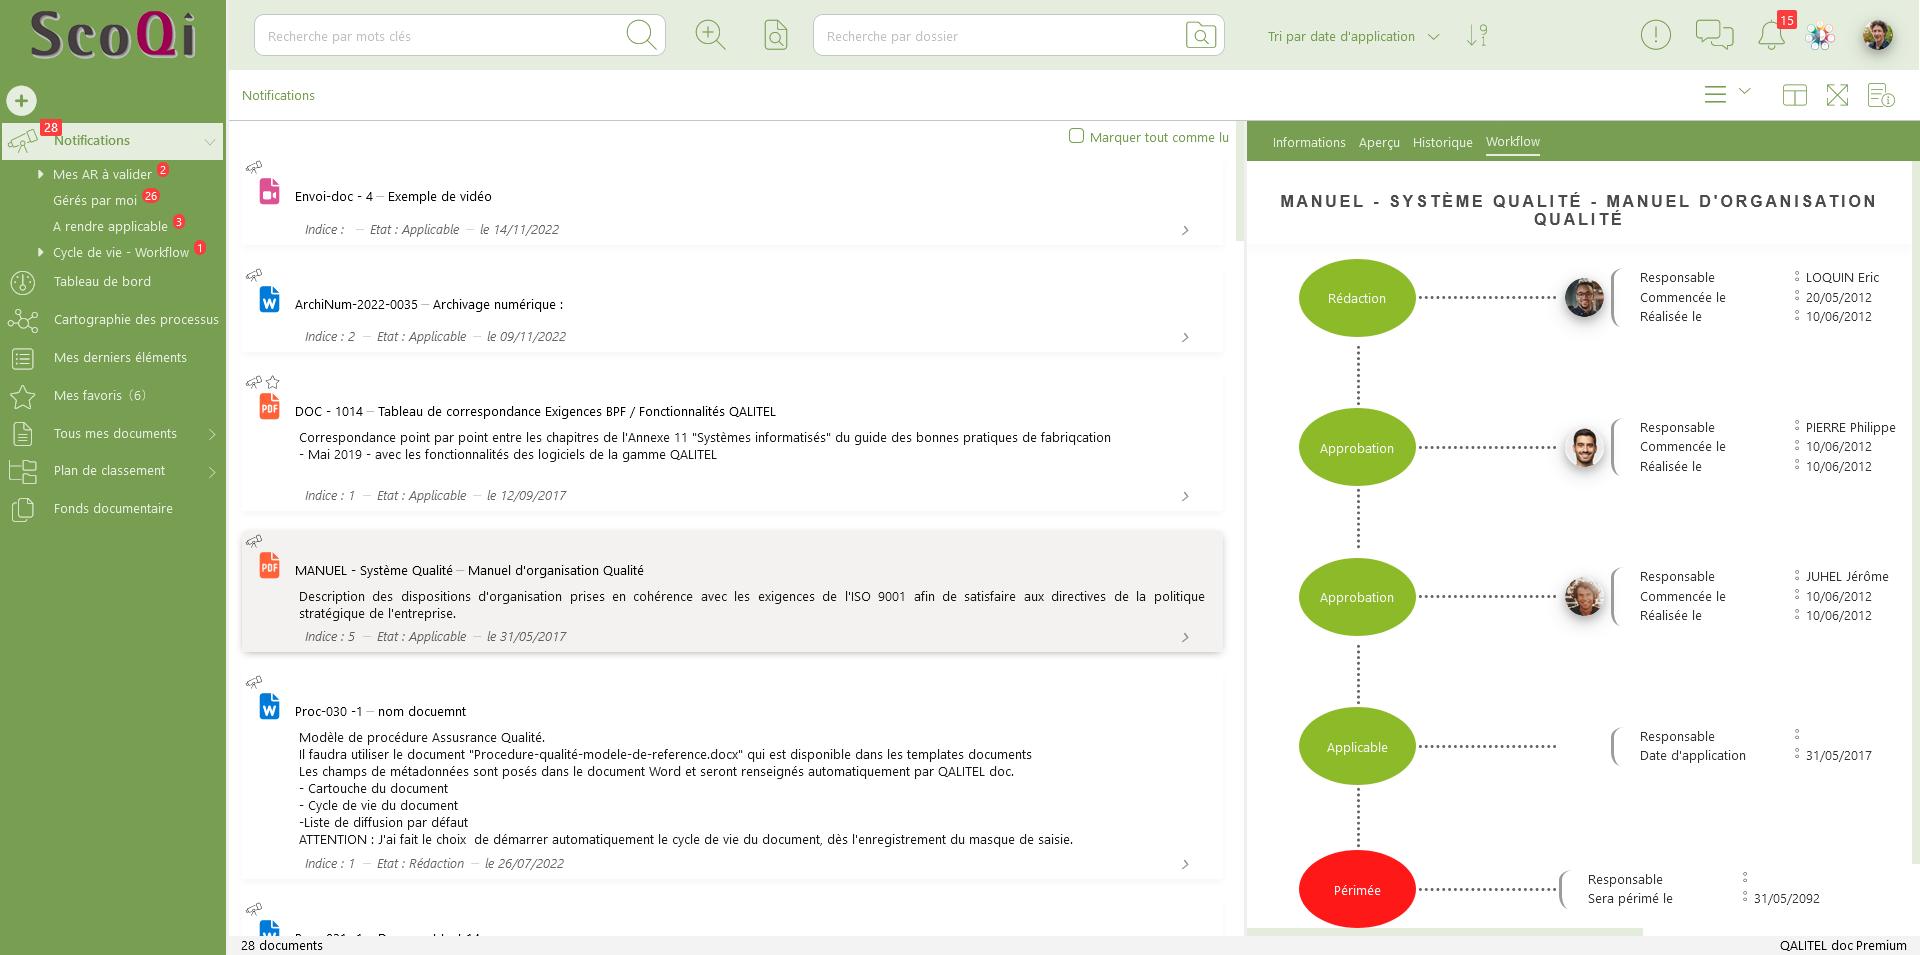 Portail utilisateur de QALITEL doc - Vu dynamique du document diffusé au format PDF - logiciel gestion des documents